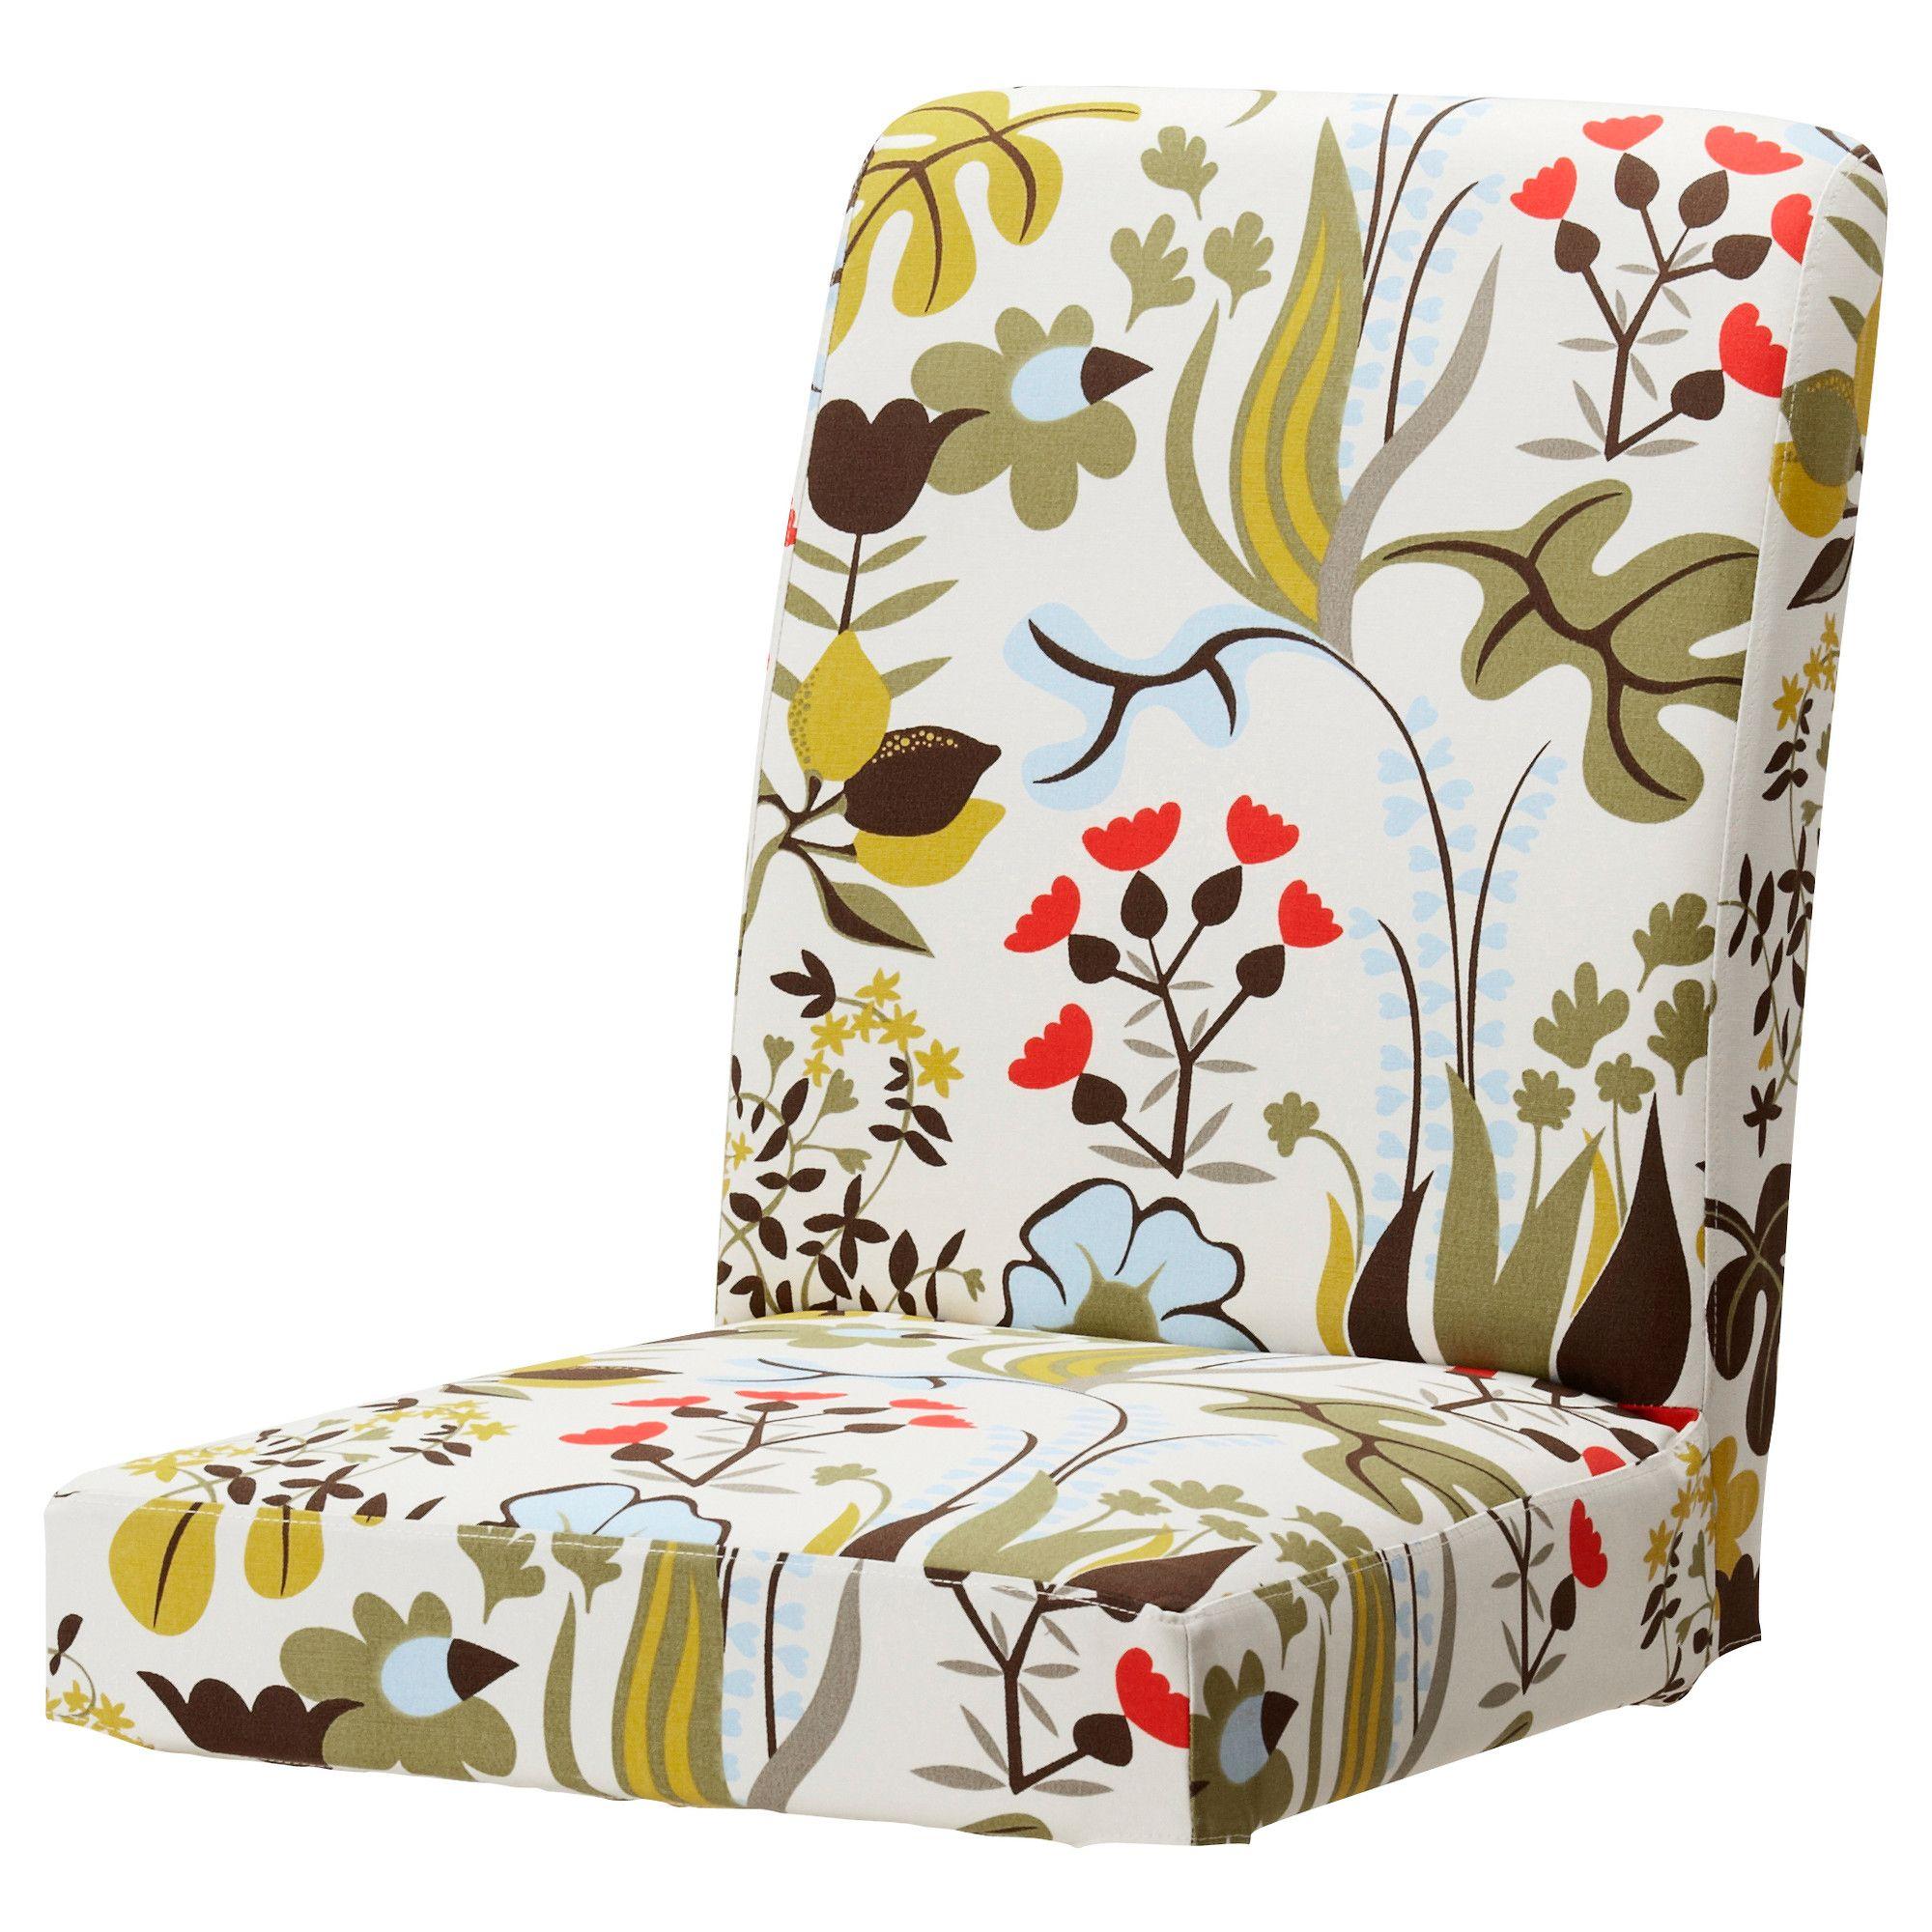 Meubles Et Accessoires Ikea Chaise Ikea Chaises